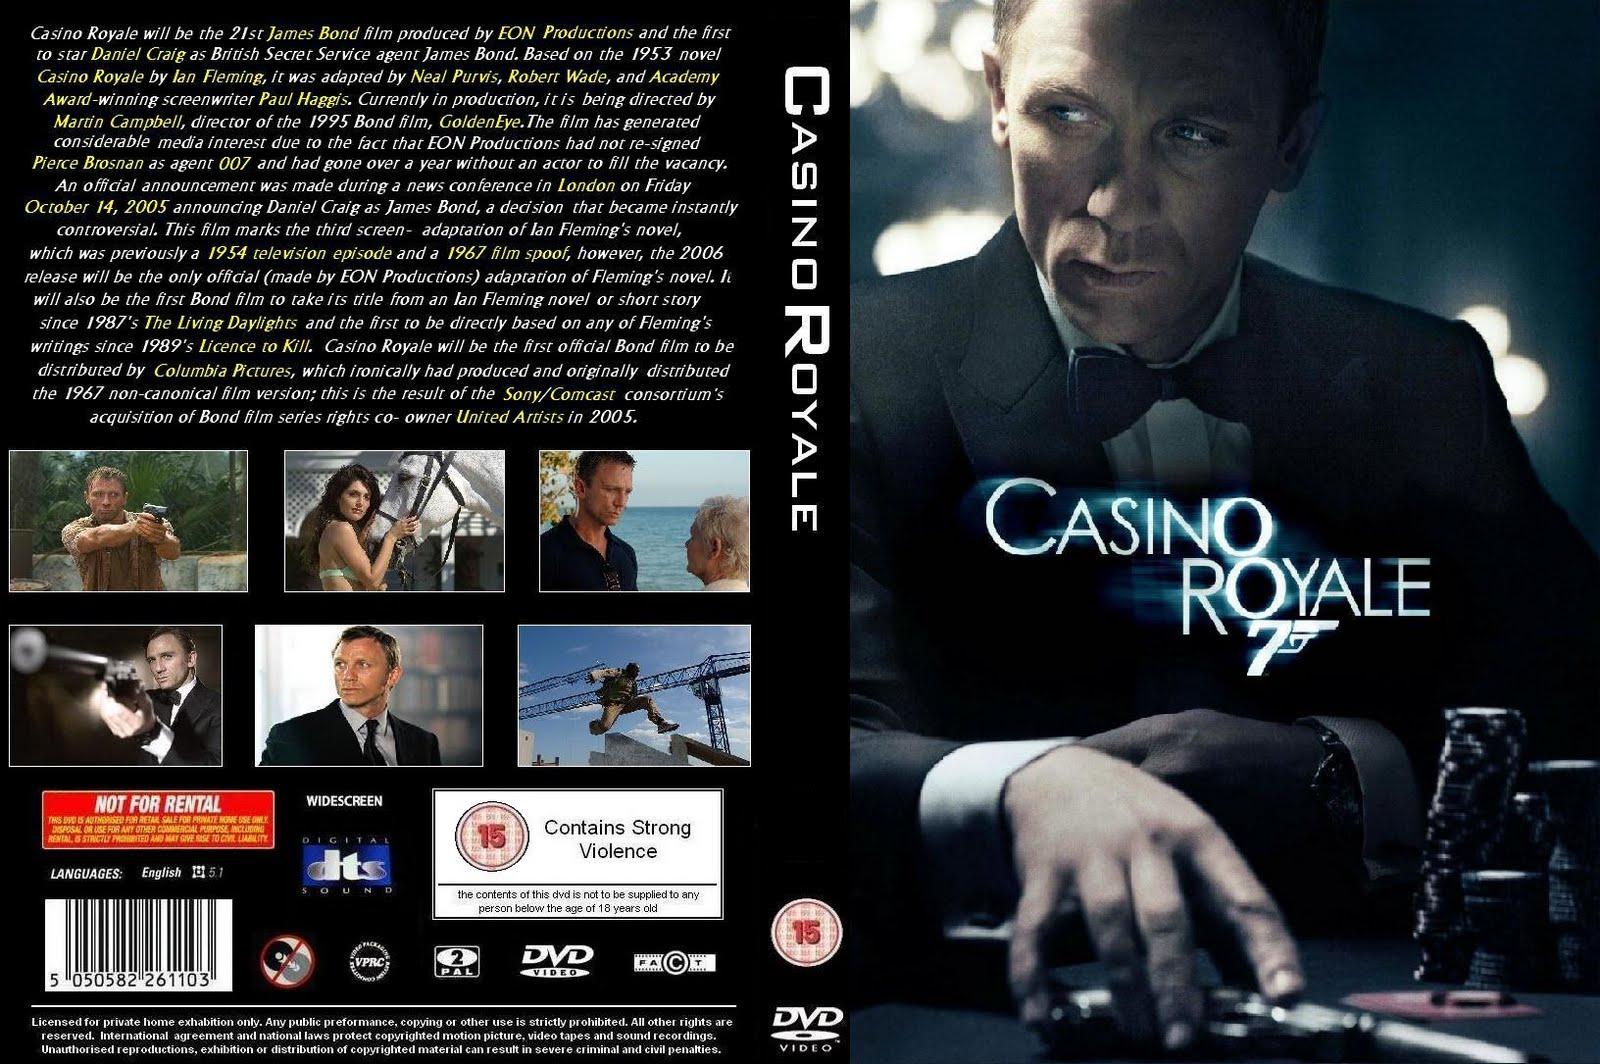 Саундтрек до агента 007 Казино Рояль знають моє імя онлайн-казино, де вам дають у борг